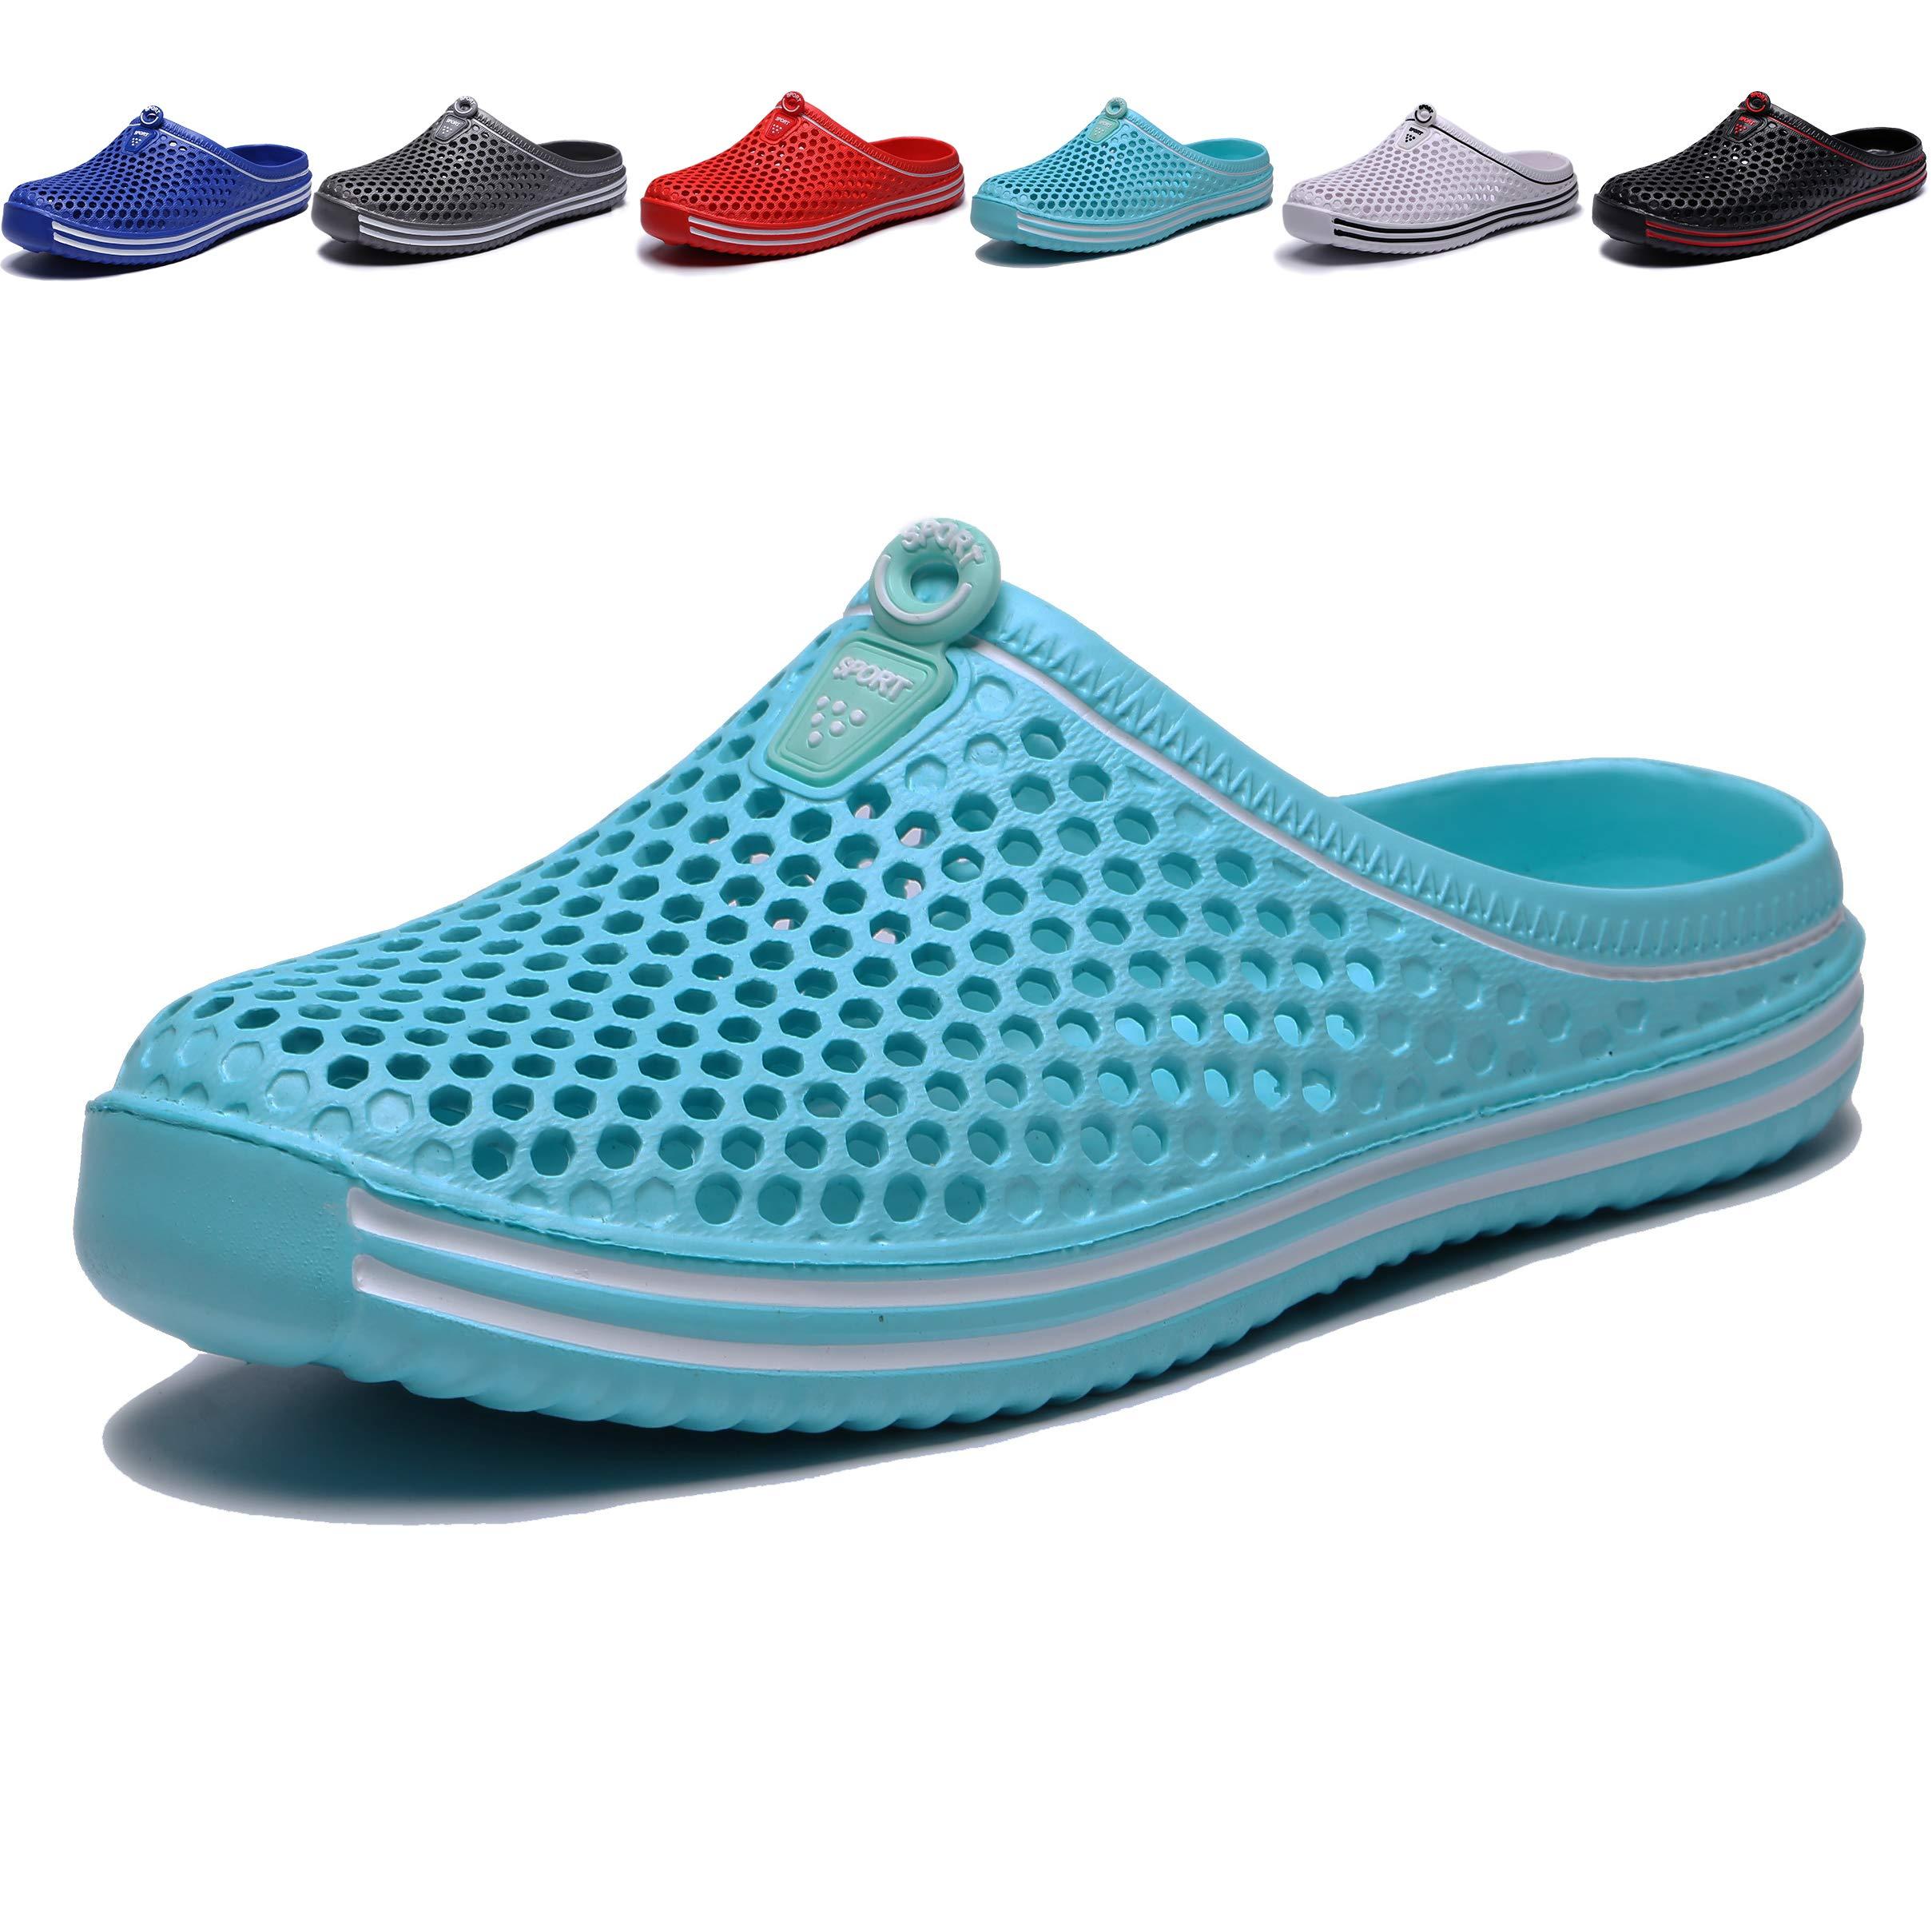 welltree Garden Shoes/Sandals Women Men Quick Drying Clogs/Slippers Walking Lightweight Rain Summer 9 Men/11 Women/Light Blue/43